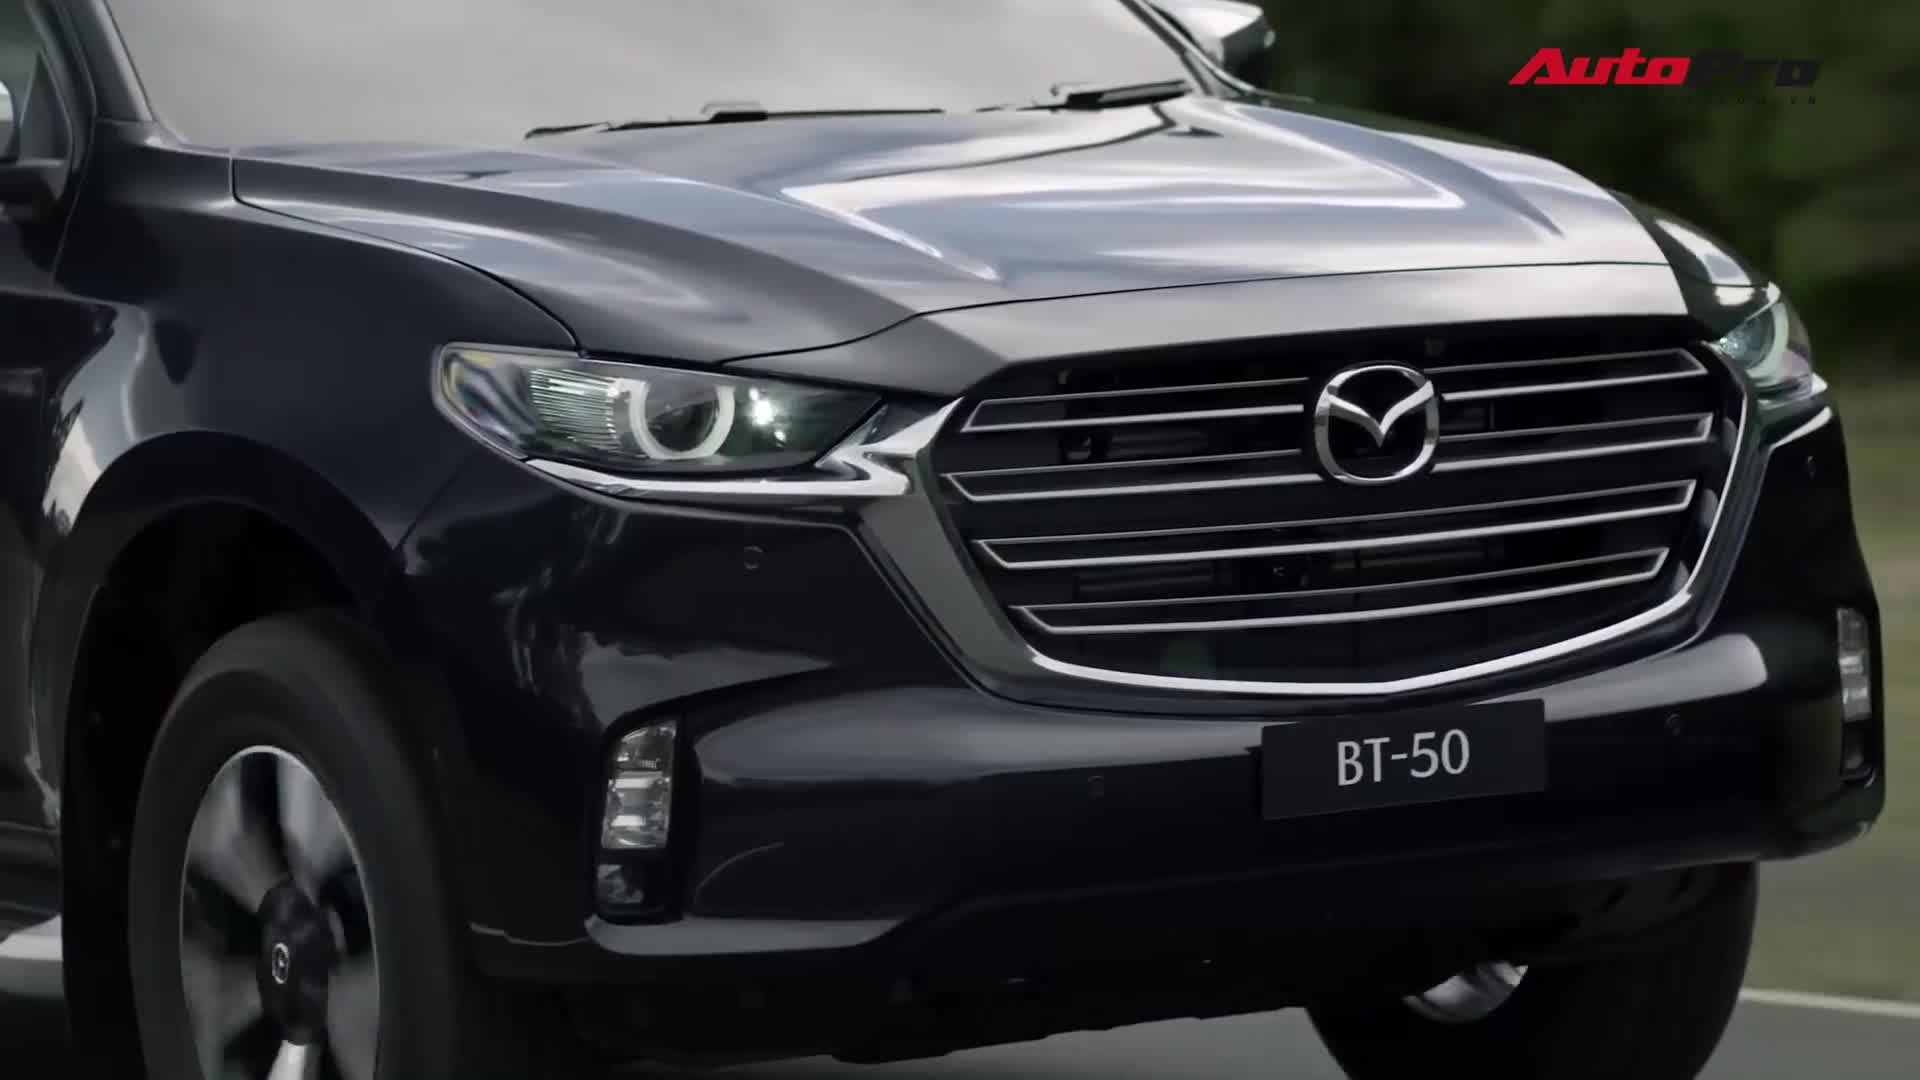 Khám phá nhanh Mazda BT-50 2021